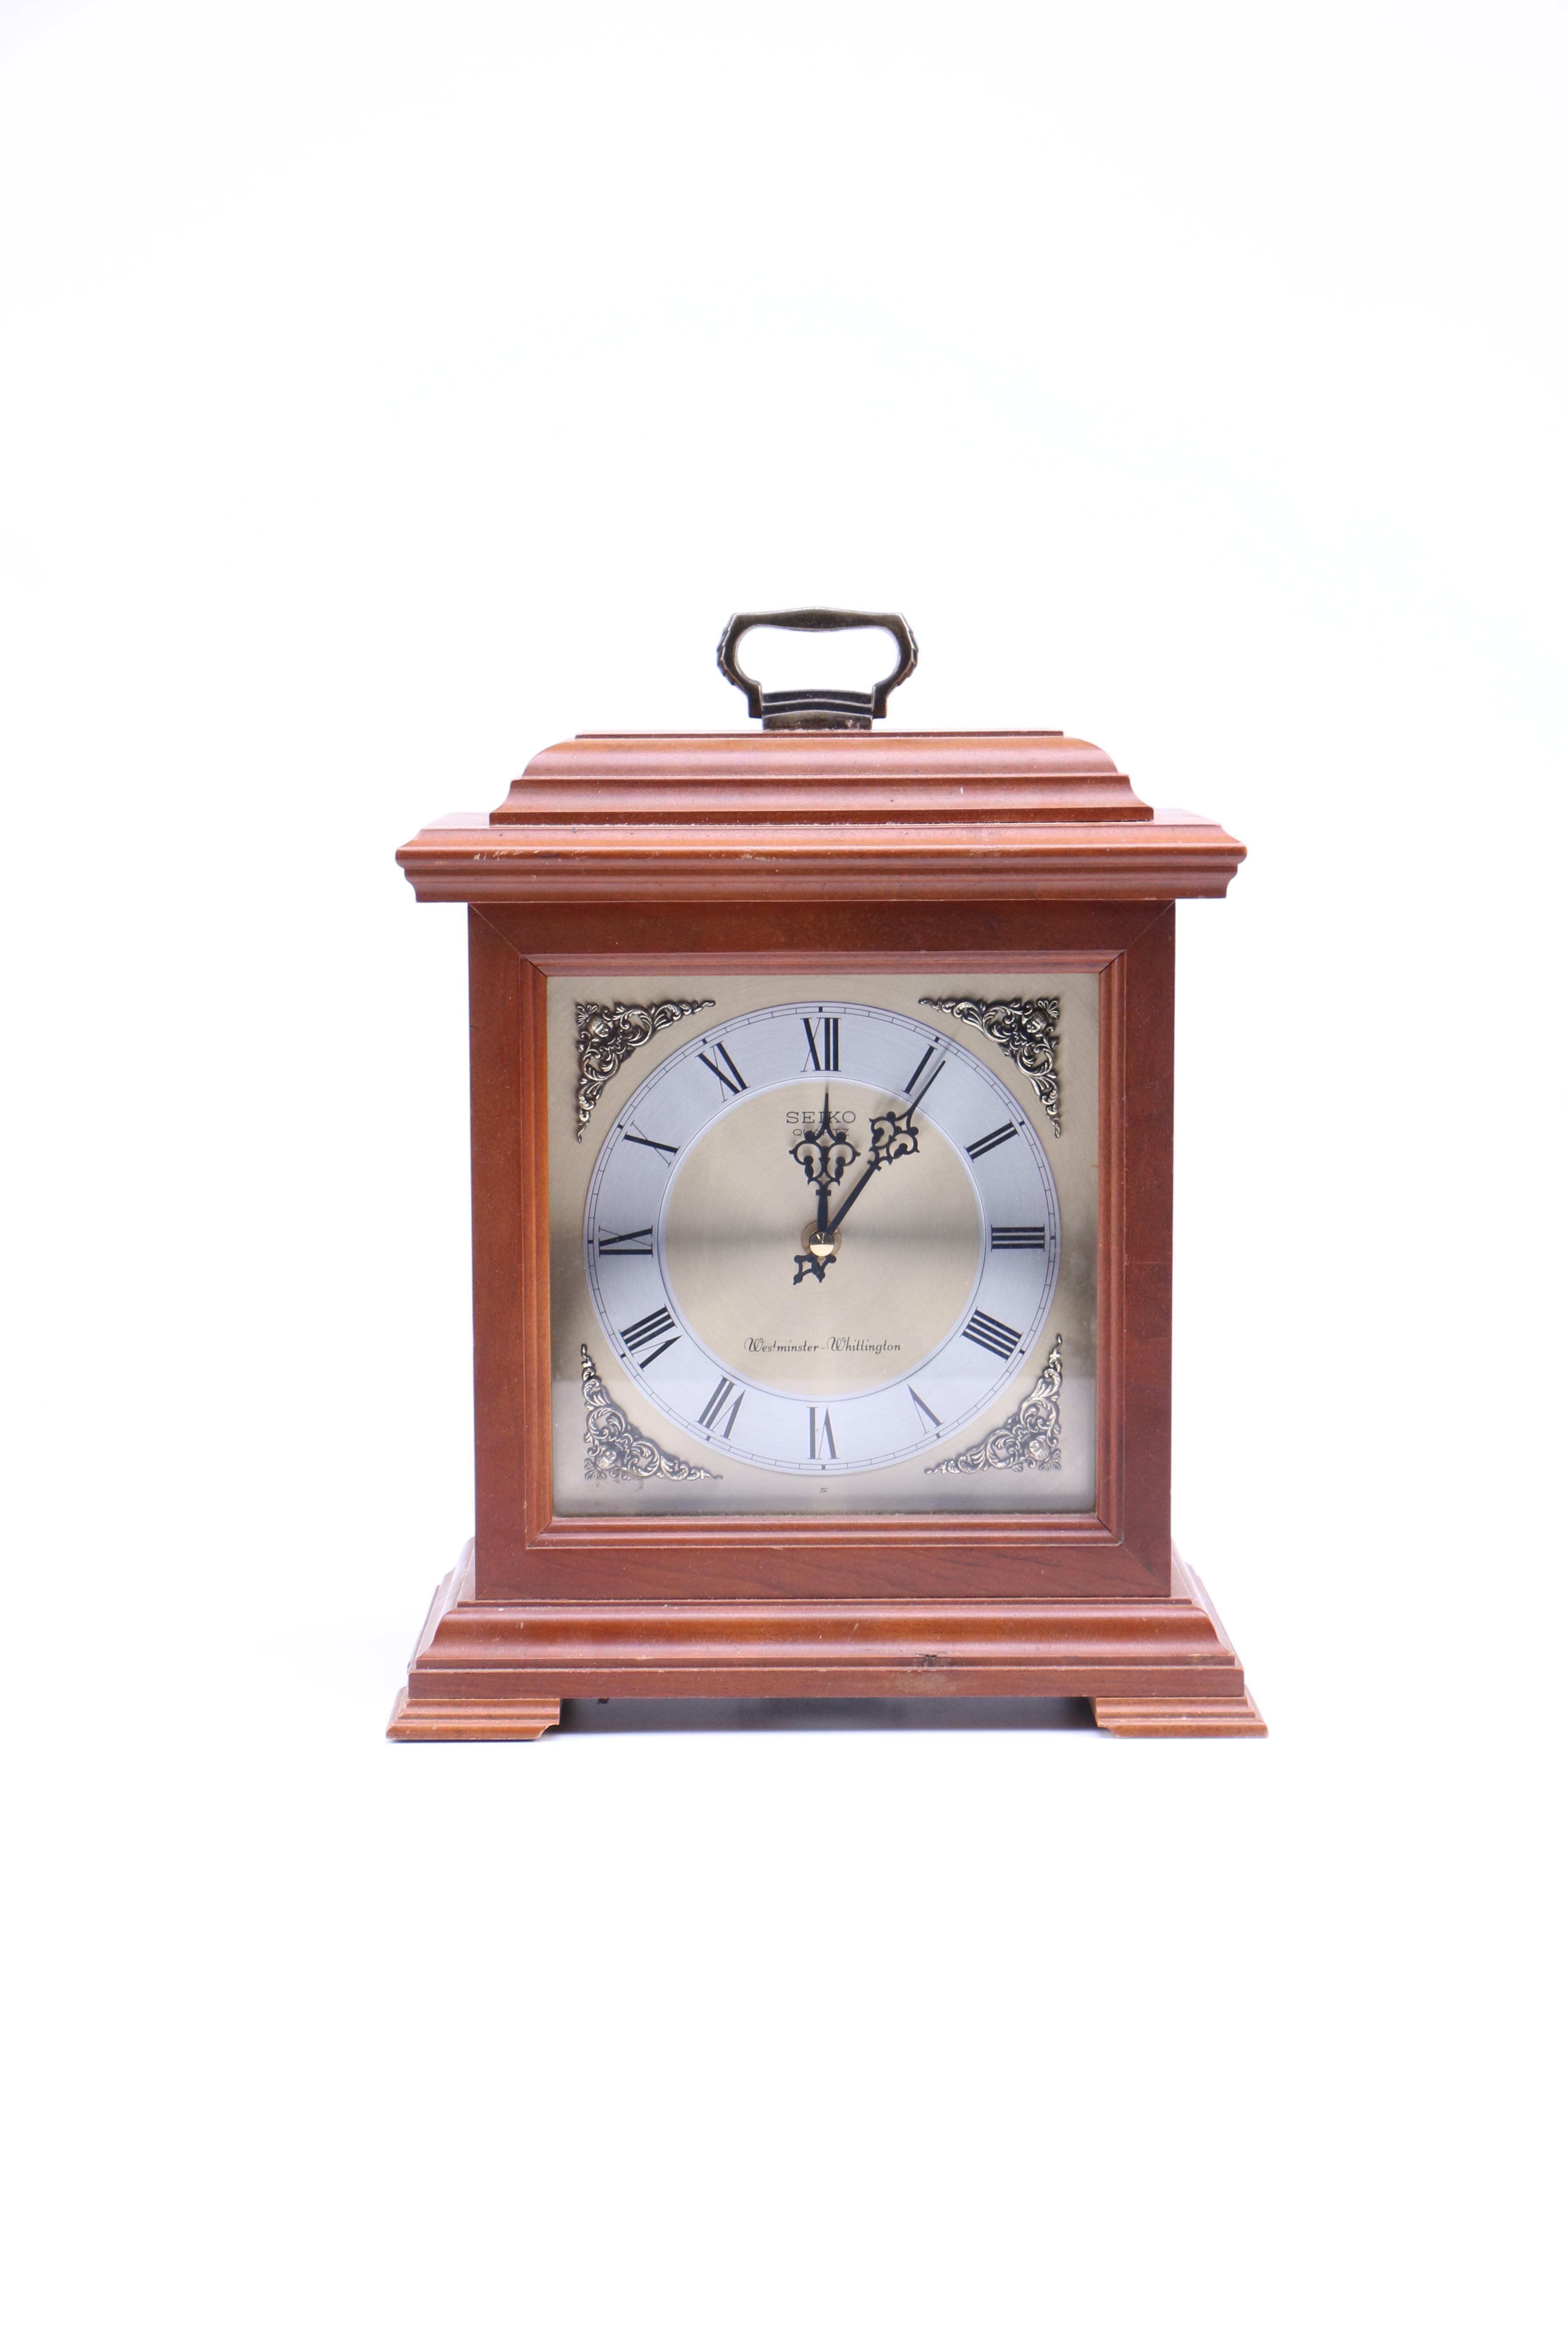 Seiko Quartz Mantle Clock